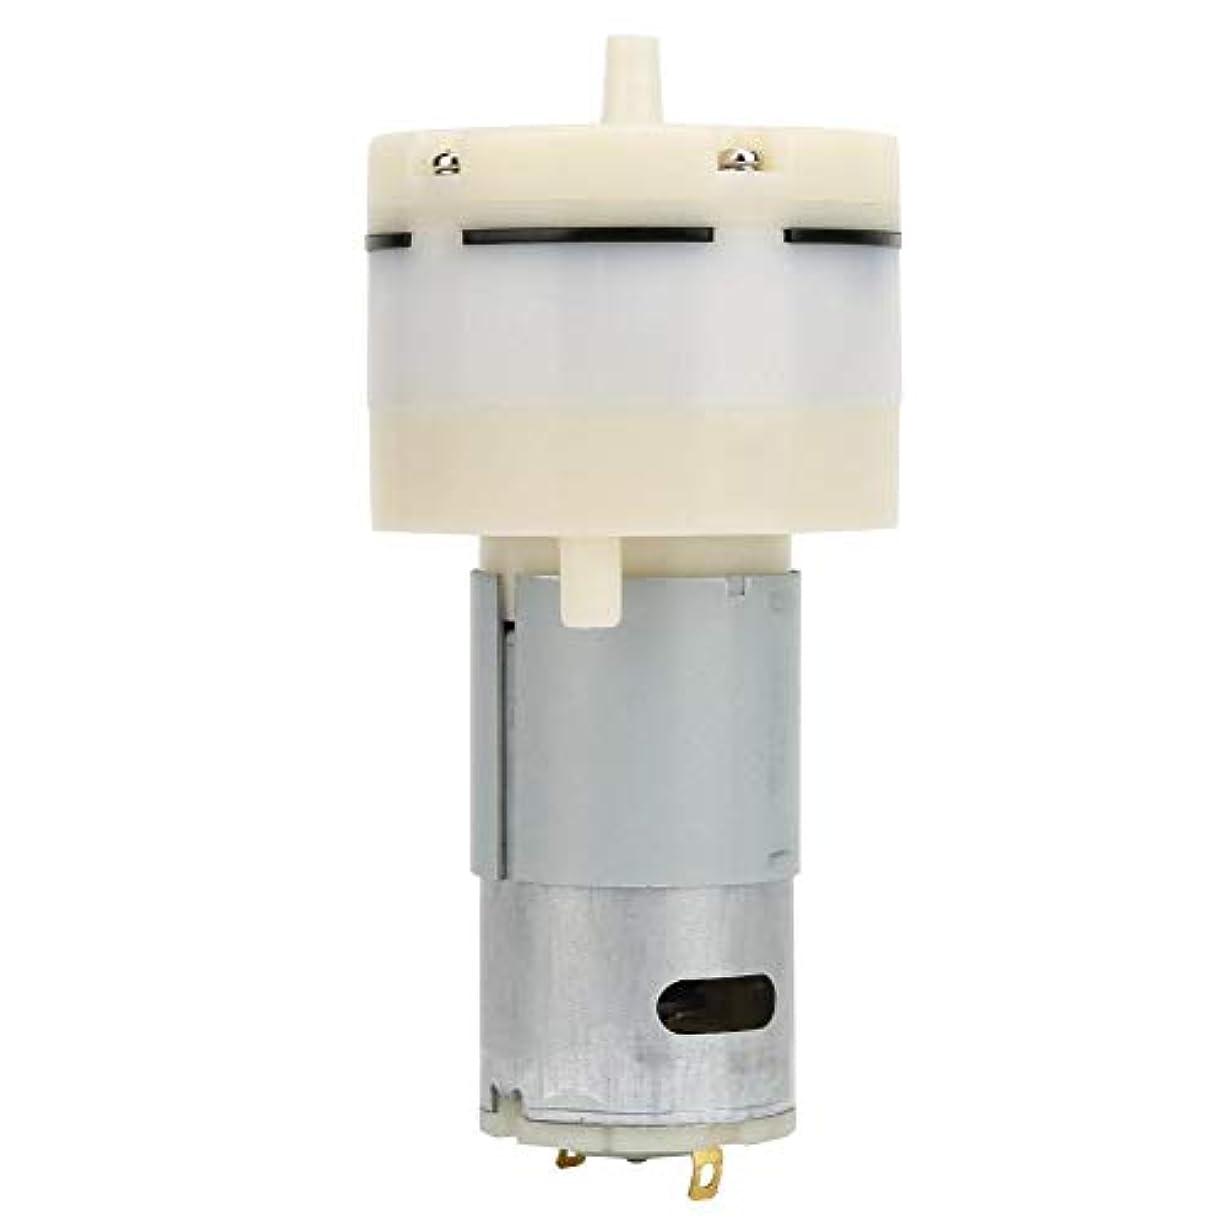 母音凍る接触12V DCエアポンプ、12L/Minミニ高圧ダイアフラム真空ポンプ化粧品用計器、真空包装機などの超静音設計